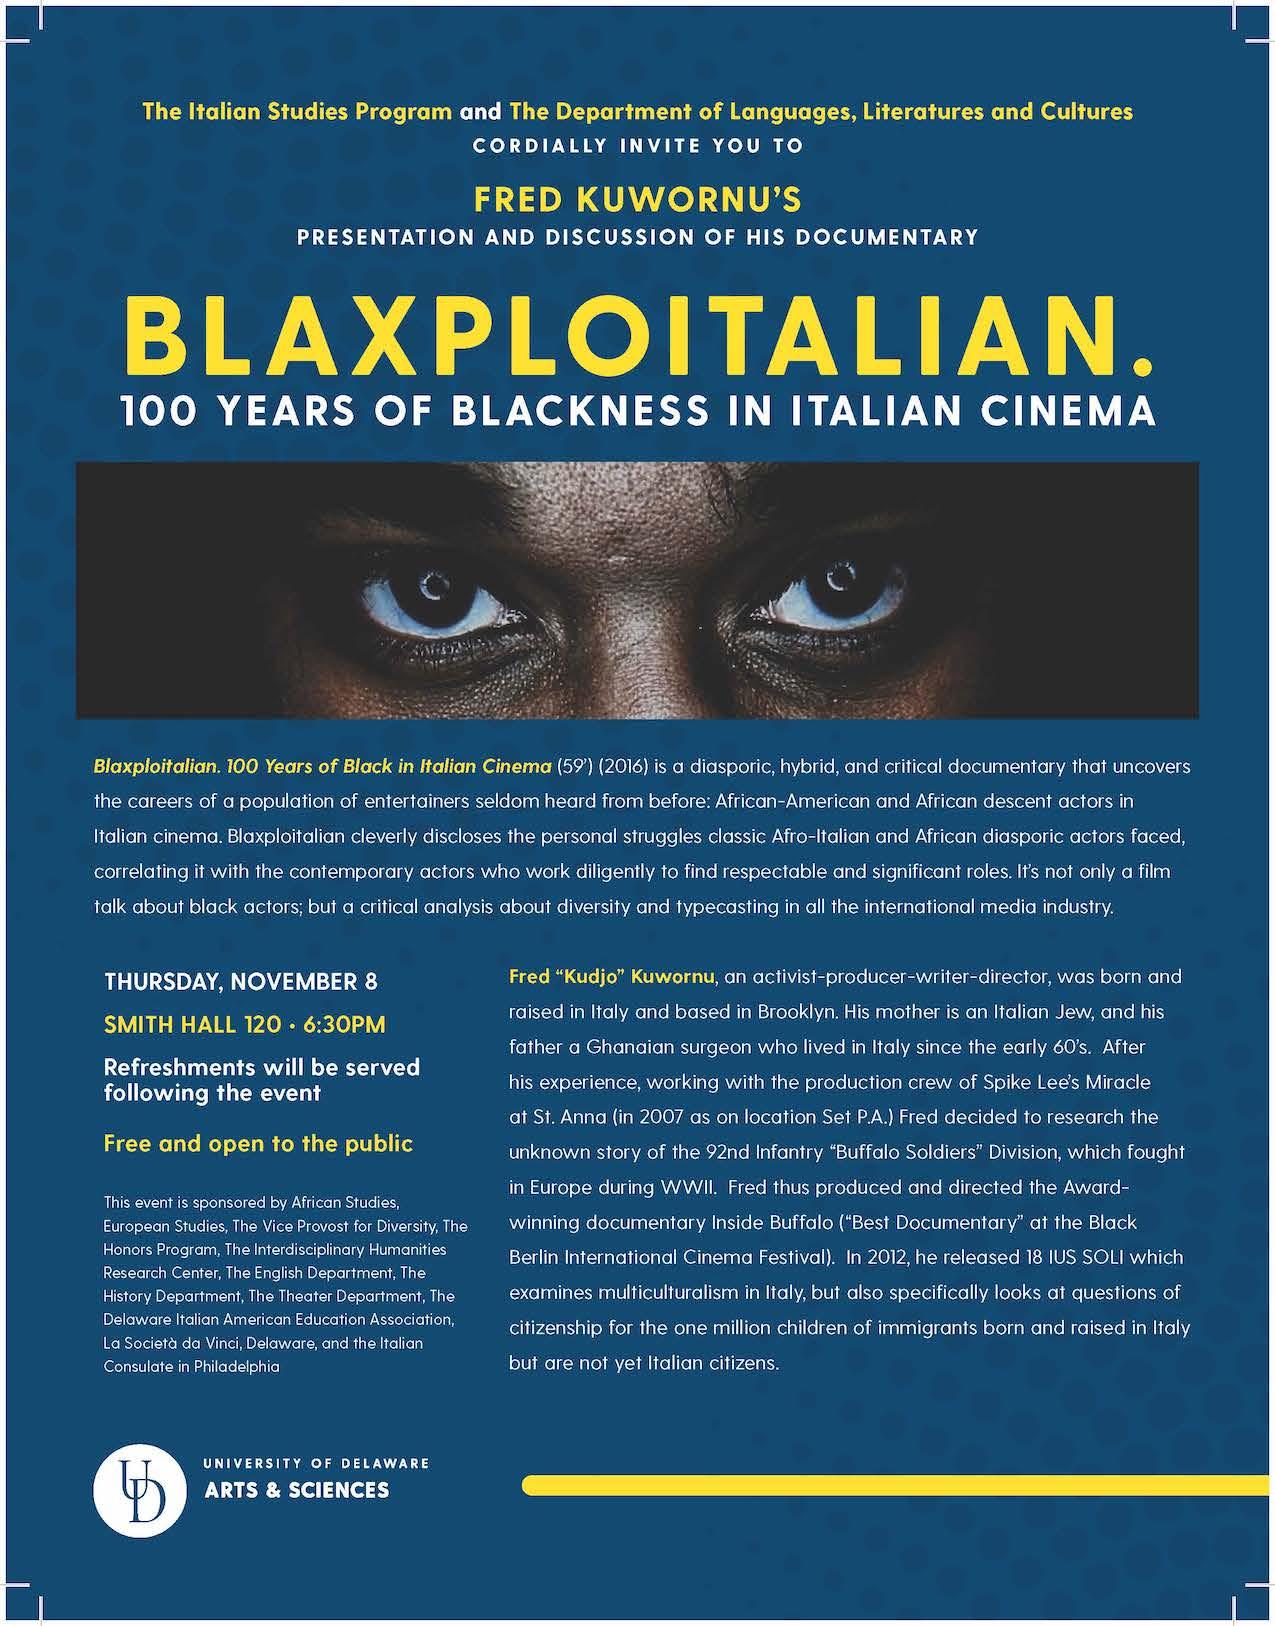 BLAXOITALIAN poster